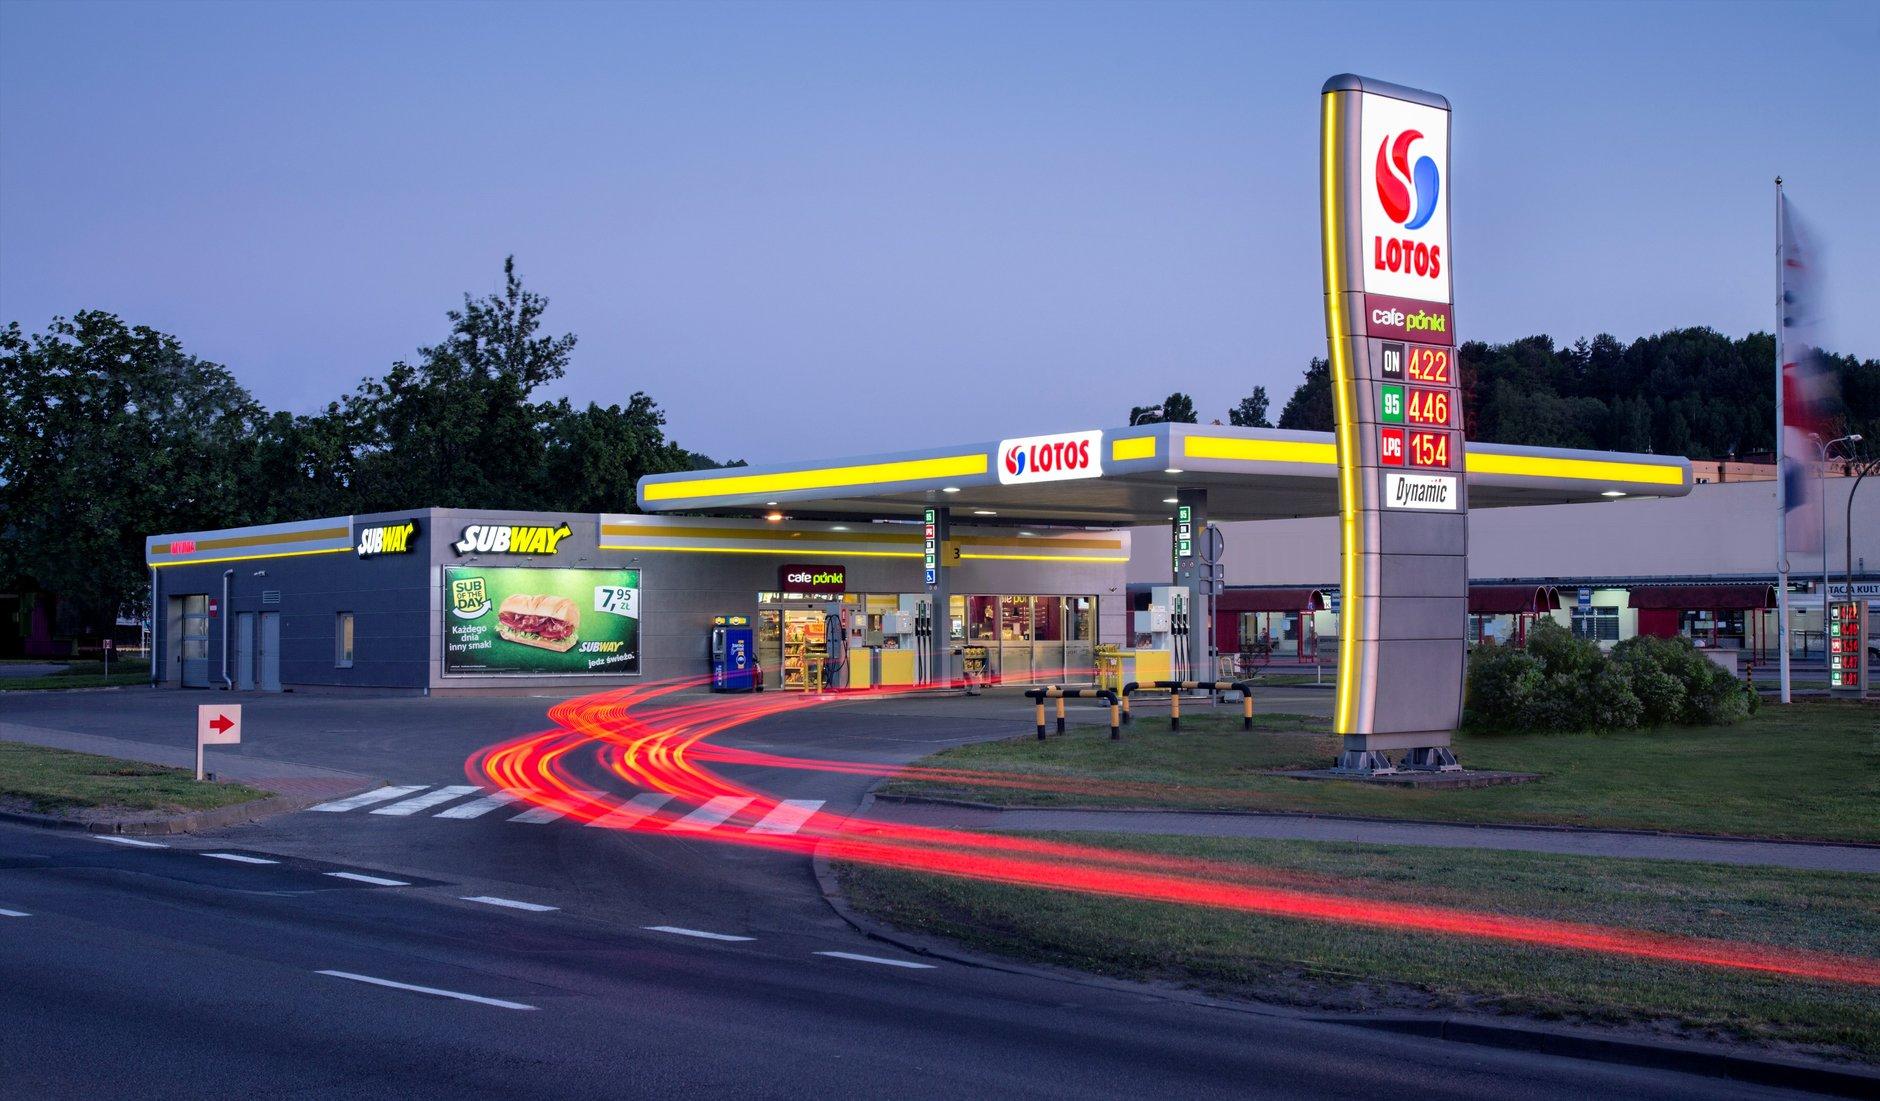 Rząd tworzy monopol naftowy. Jest zielone światło dla fuzji Orlenu i Lotosu, będzie zgoda Brukseli?